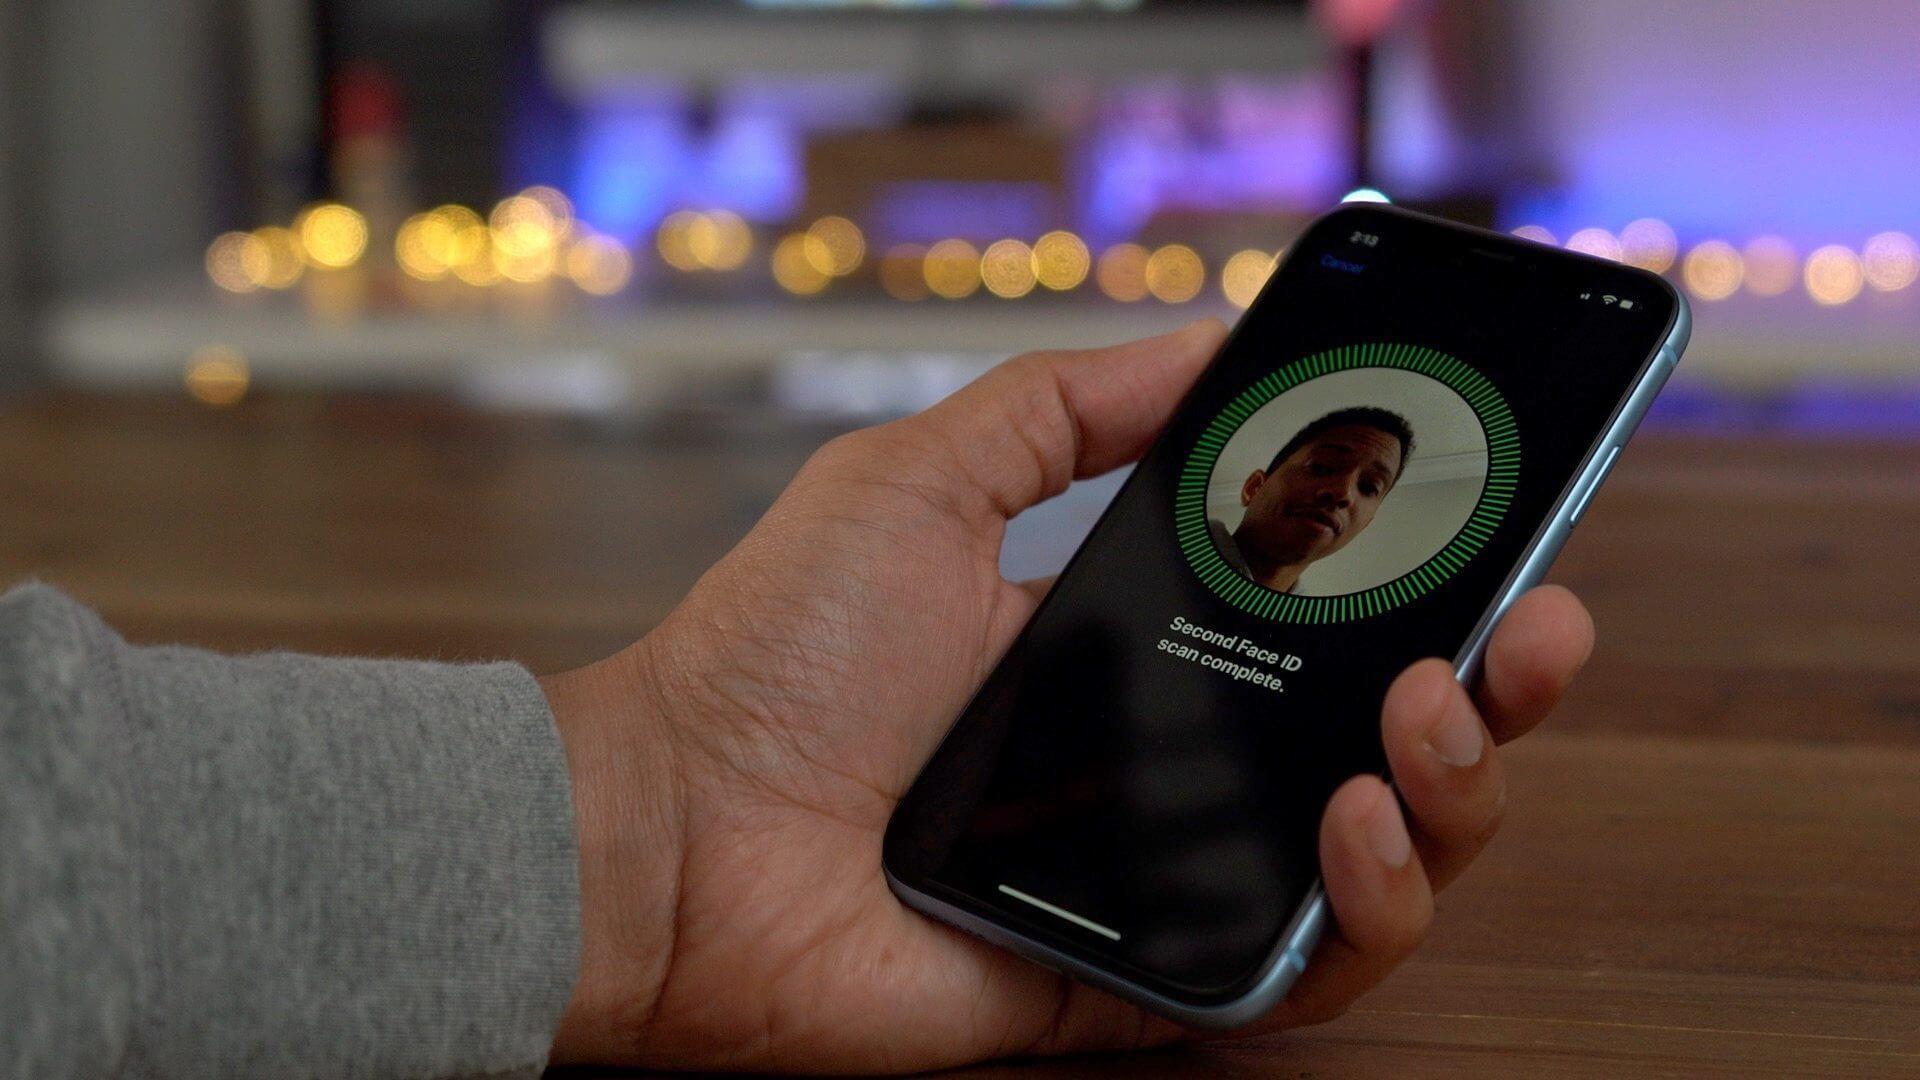 Слухи об iPhone 12: более быстрый Face ID, улучшенный зум камеры, увеличенное время автономной работы для моделей Pro